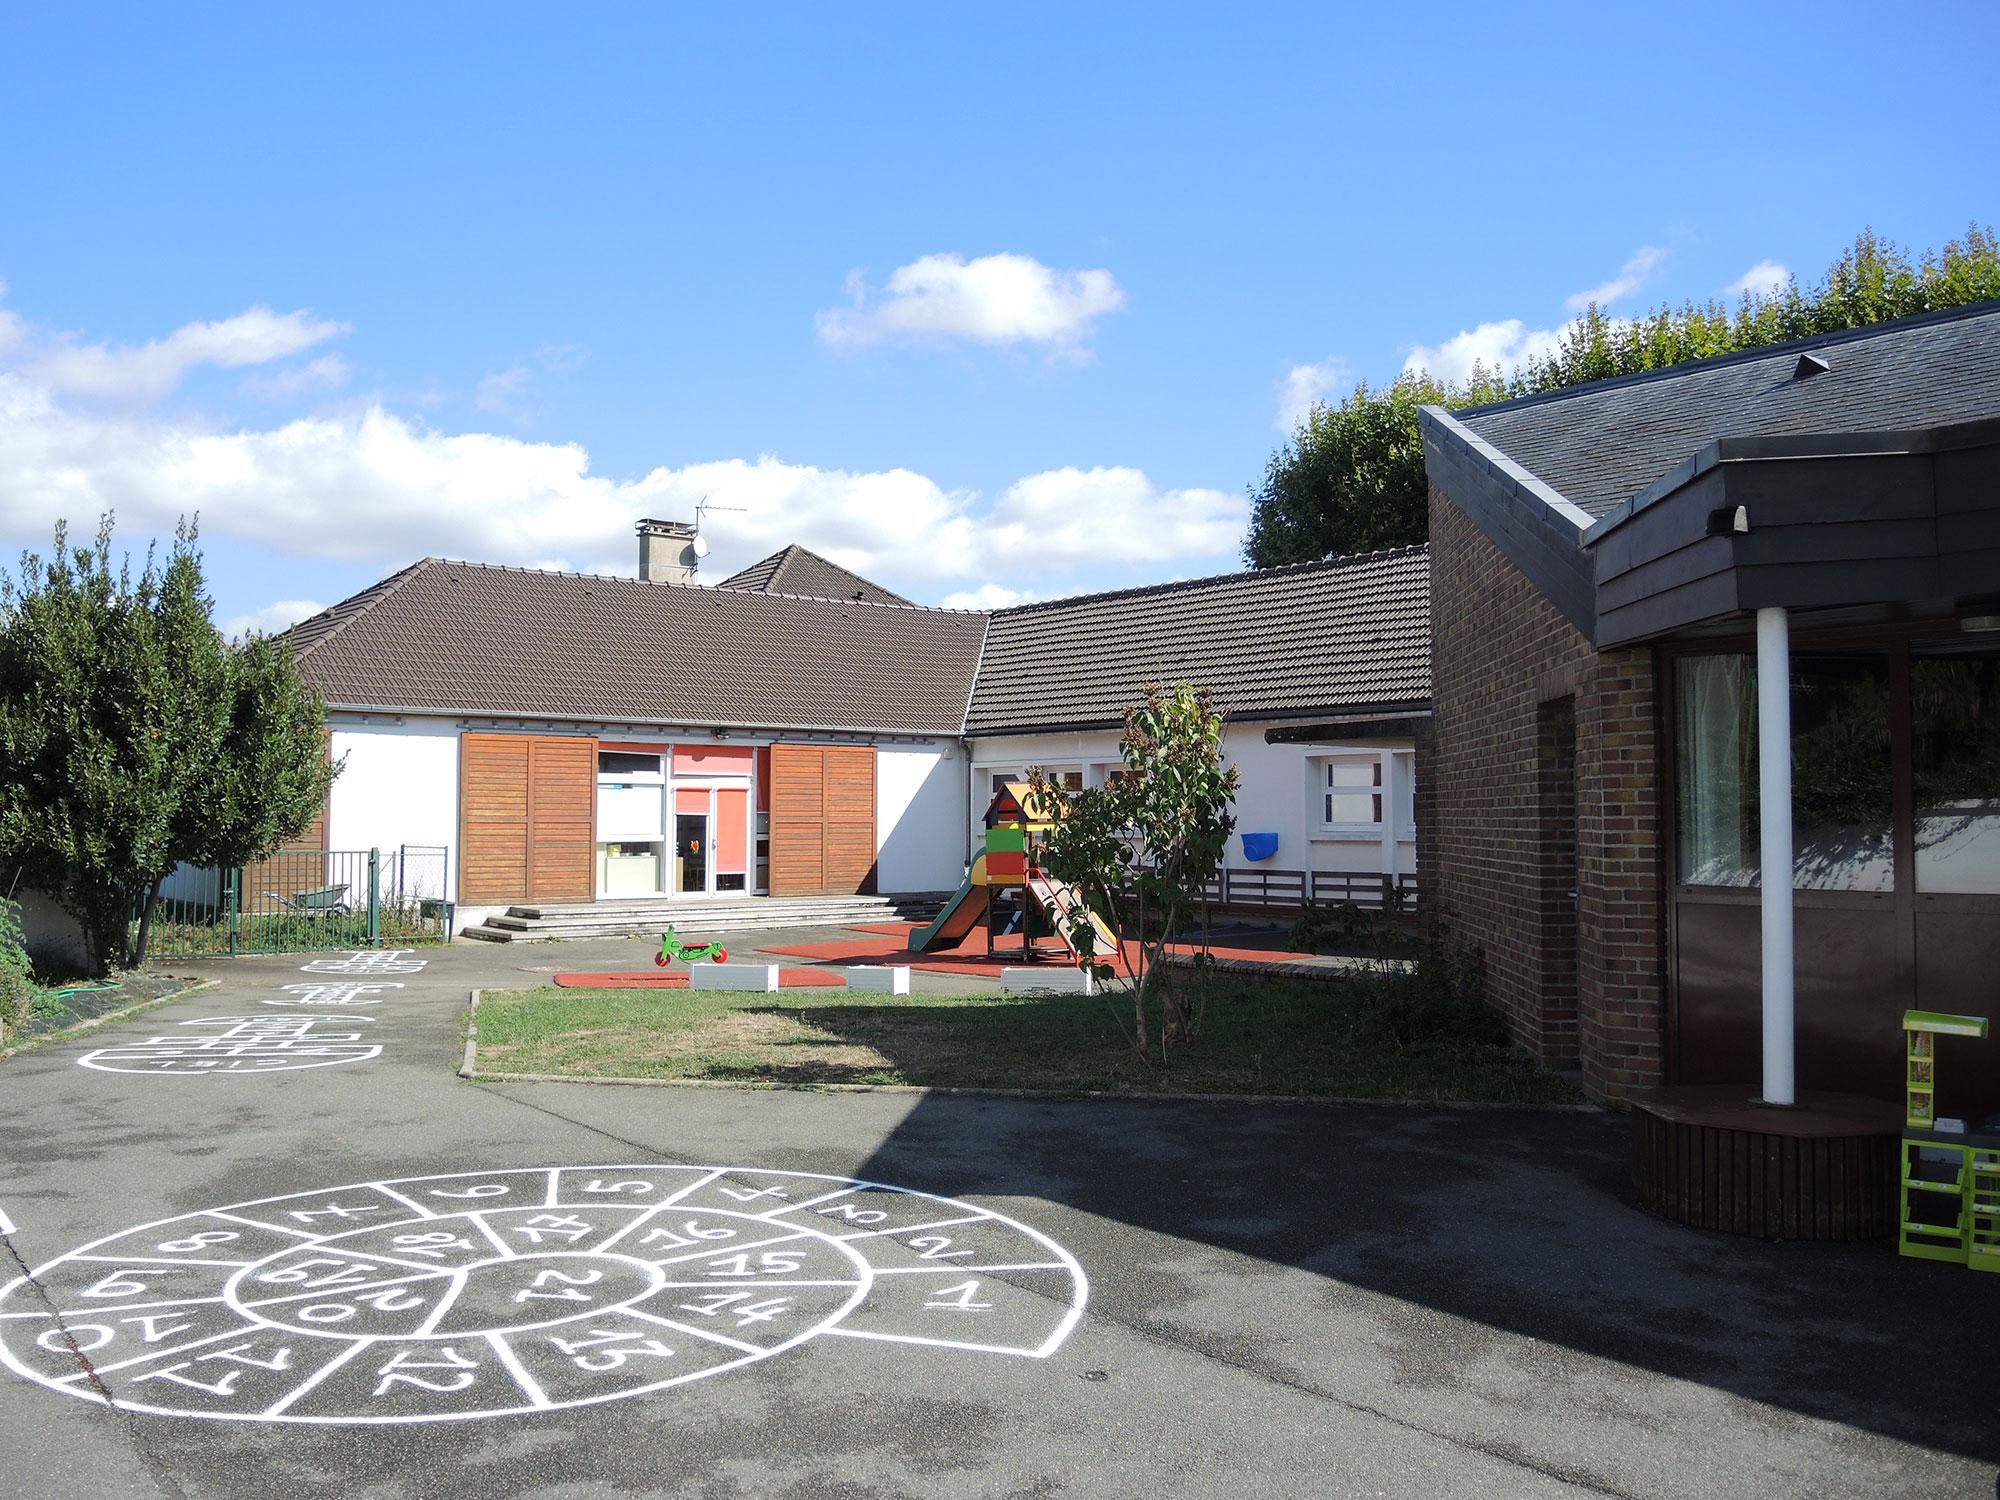 vue de la cour maternelles construction du réfectoire du groupe scolaire de Maurecourt Bancilhon architectes